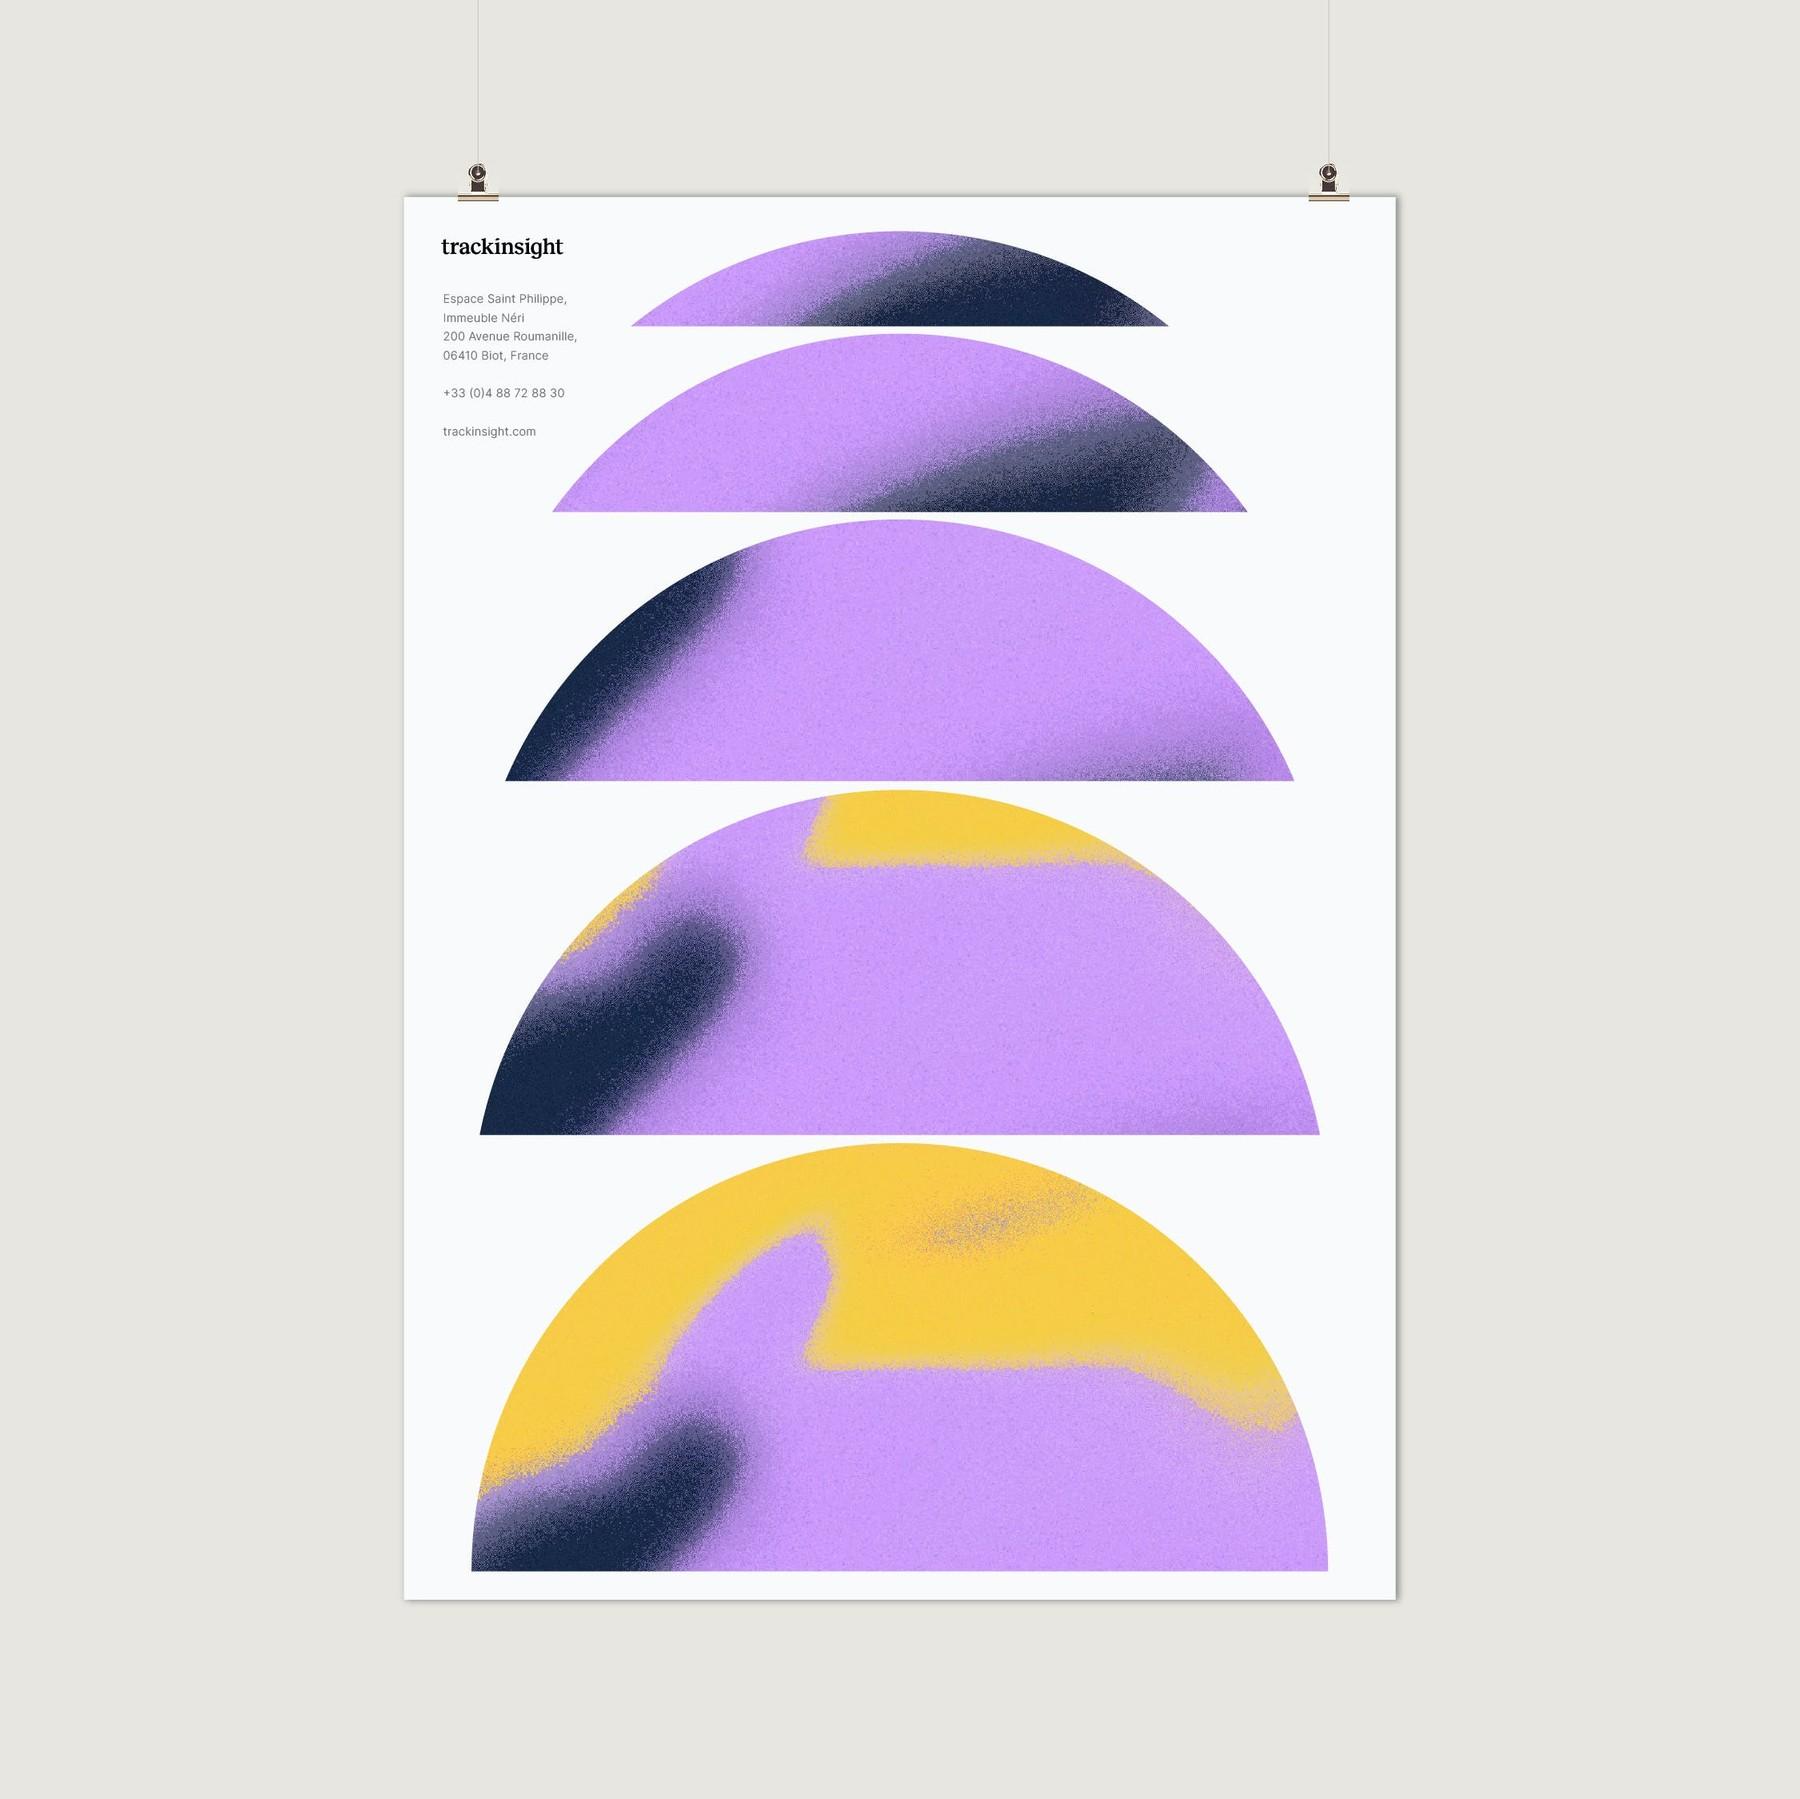 fdec7521-bbd8-45ea-a9ef-c778346d0ce7_poster-02.jpg?auto=compress-format